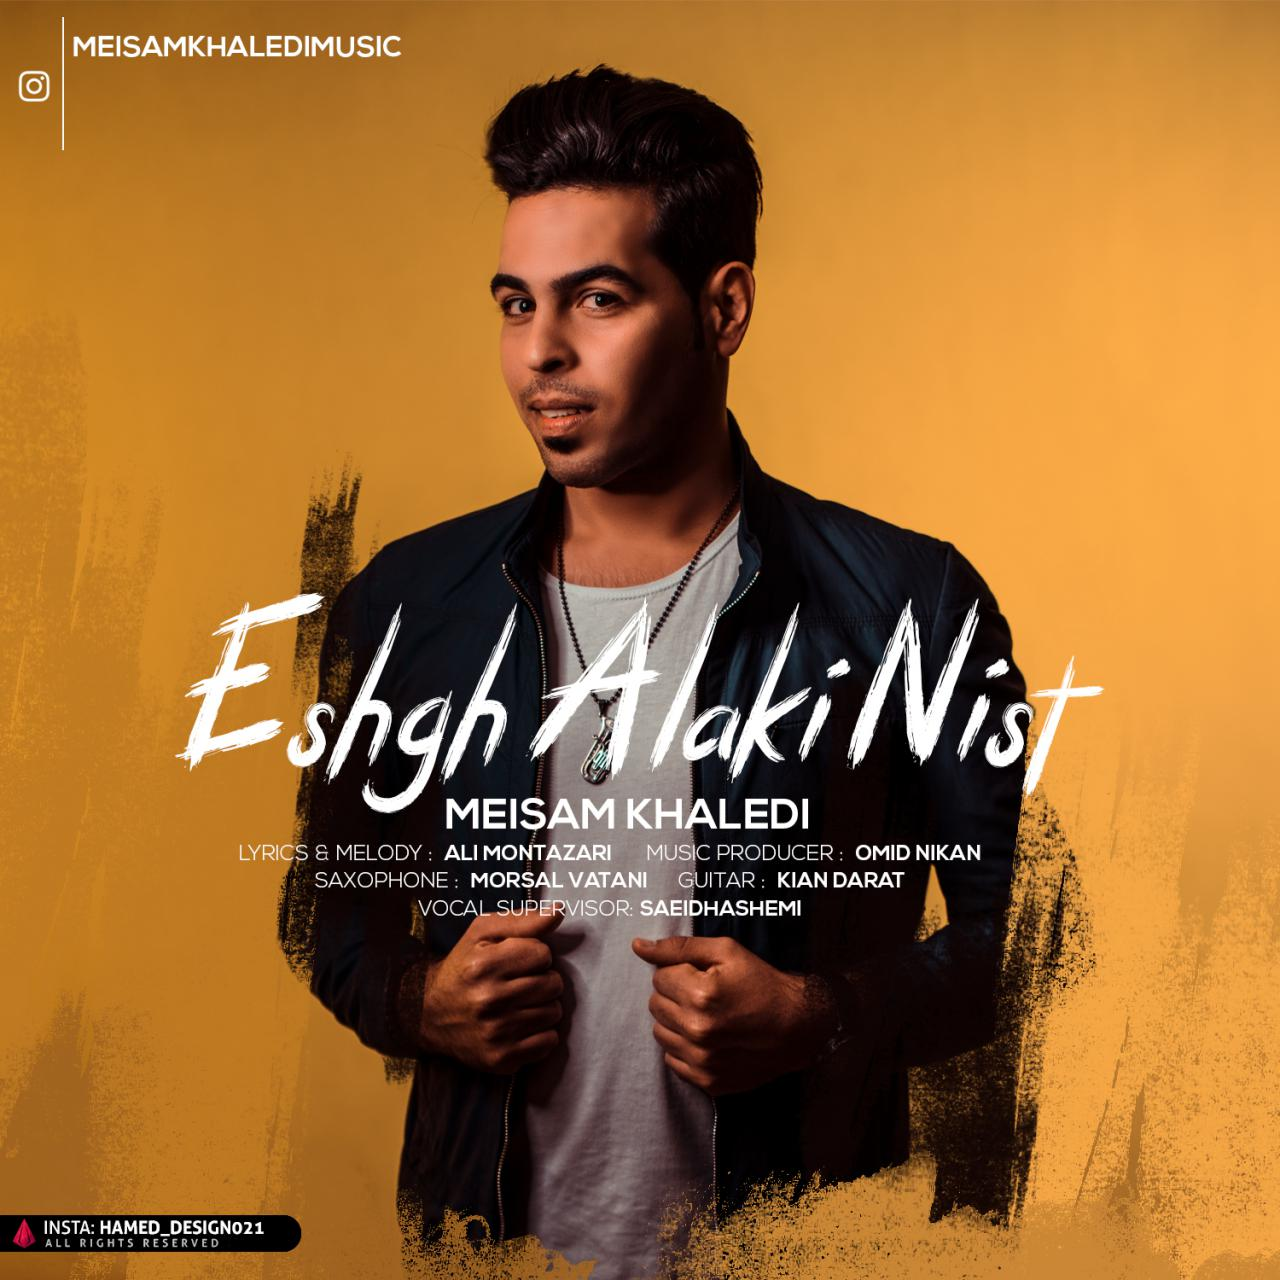 Meysam Khaledi – Eshgh Alaki Nist